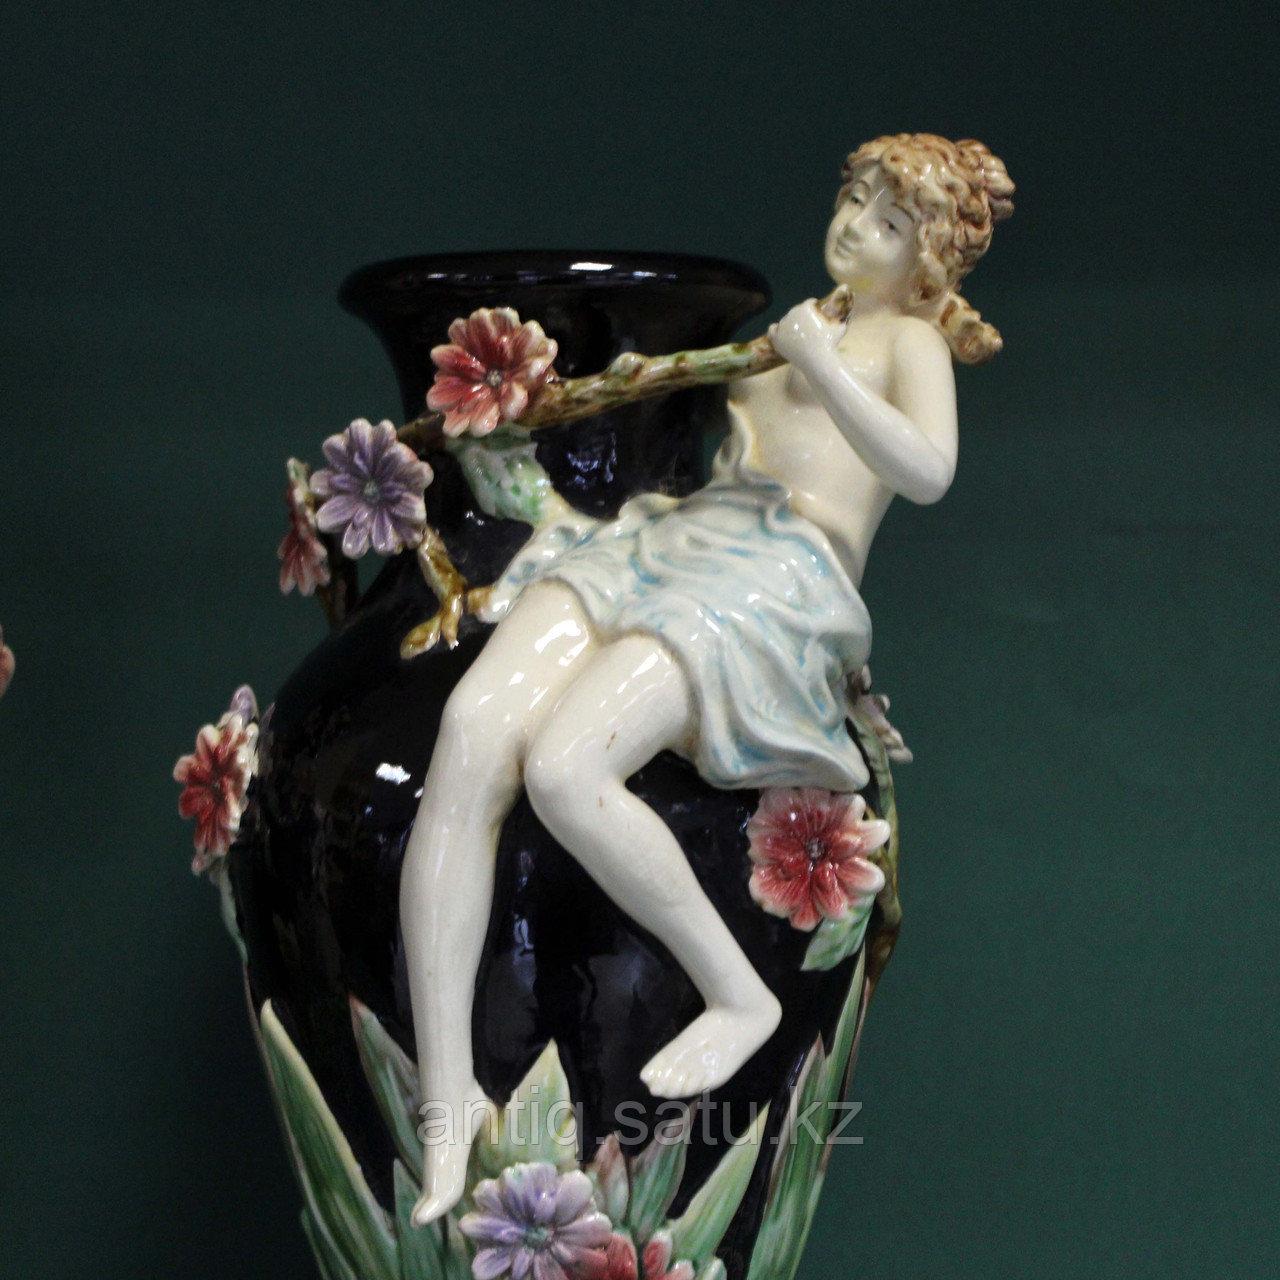 Парные вазы в стиле Барботин. ХХ век - фото 3